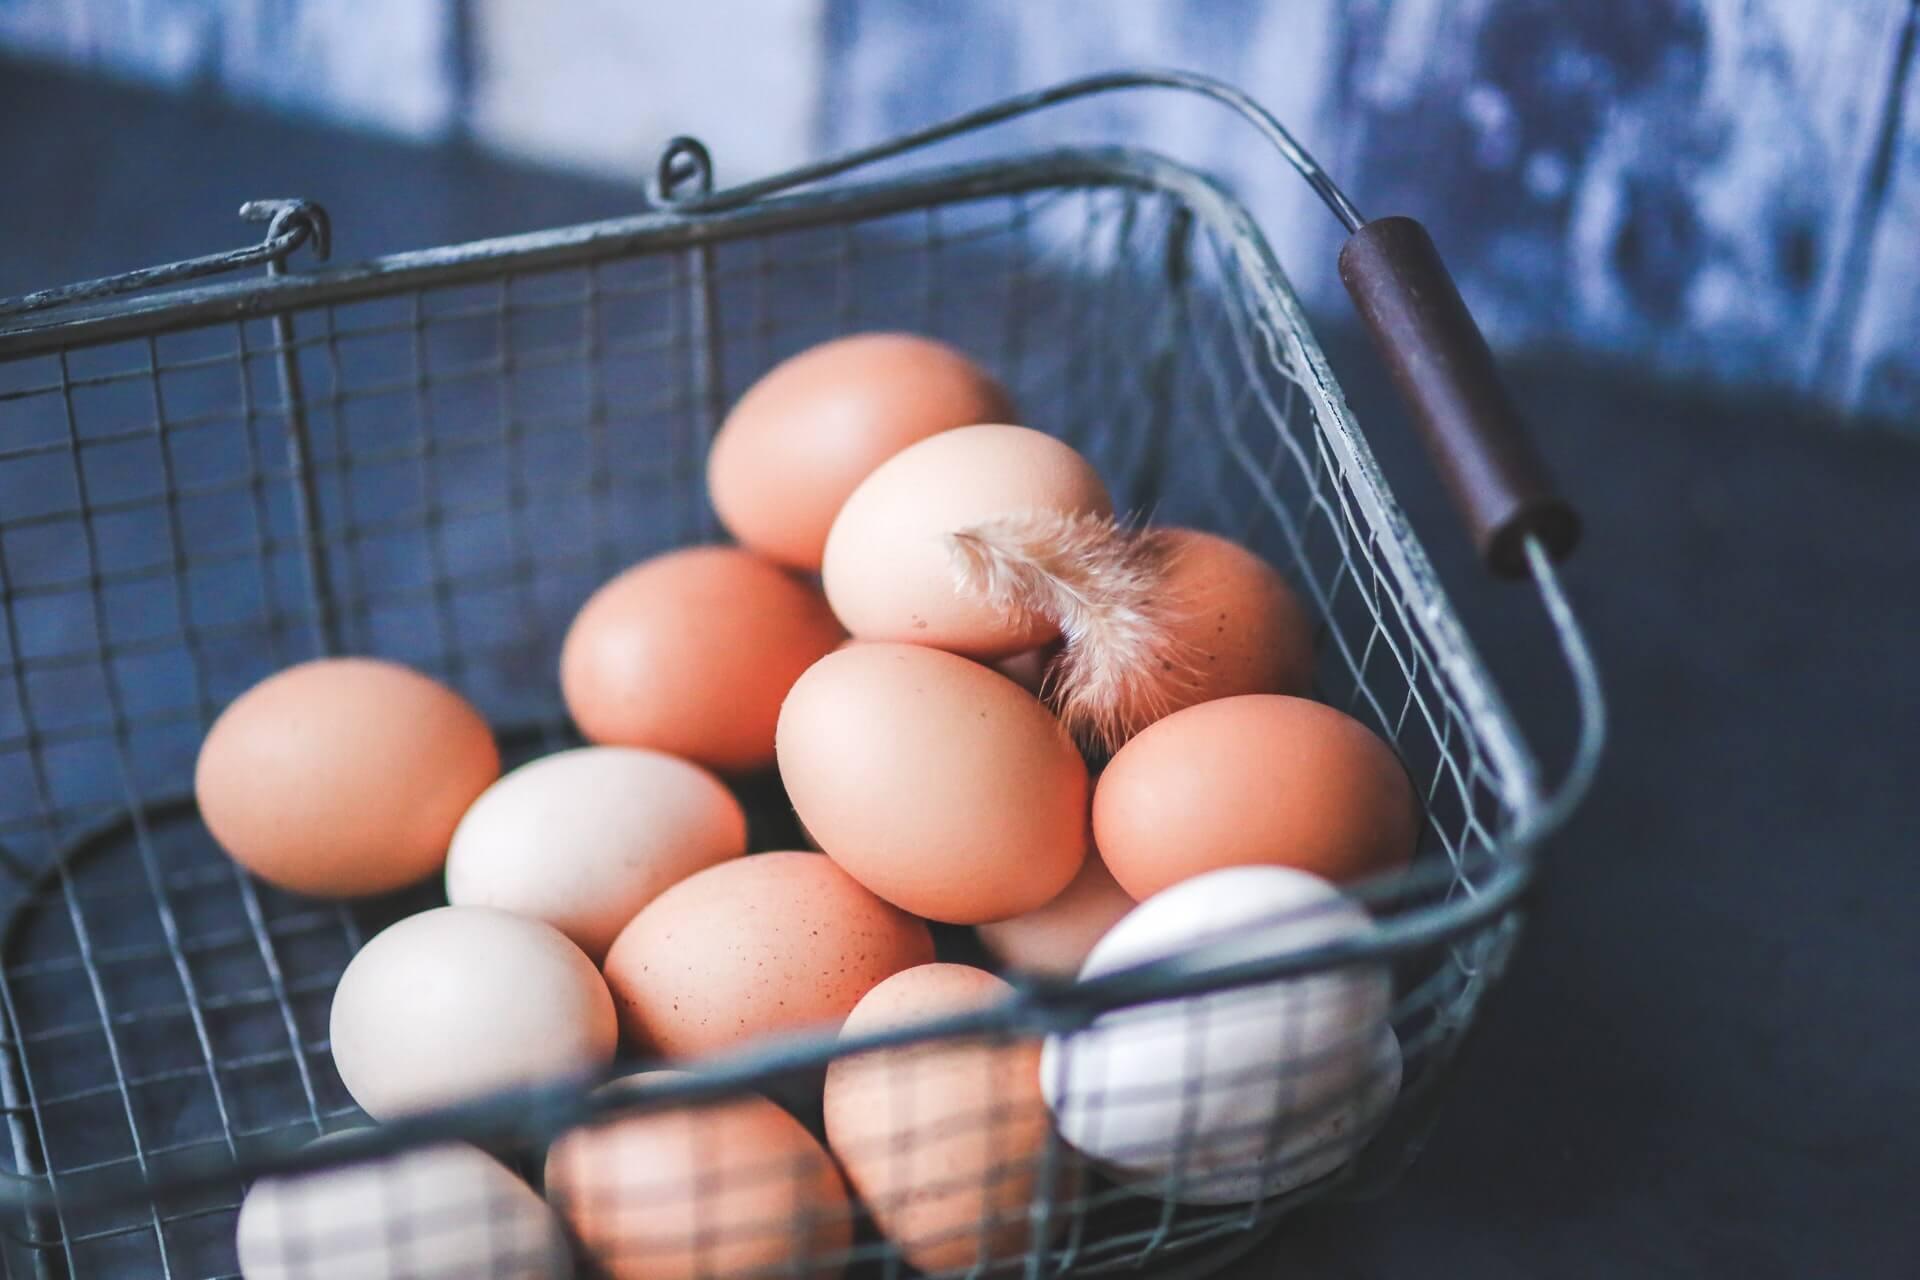 Ovo, conheça alguns benefícios